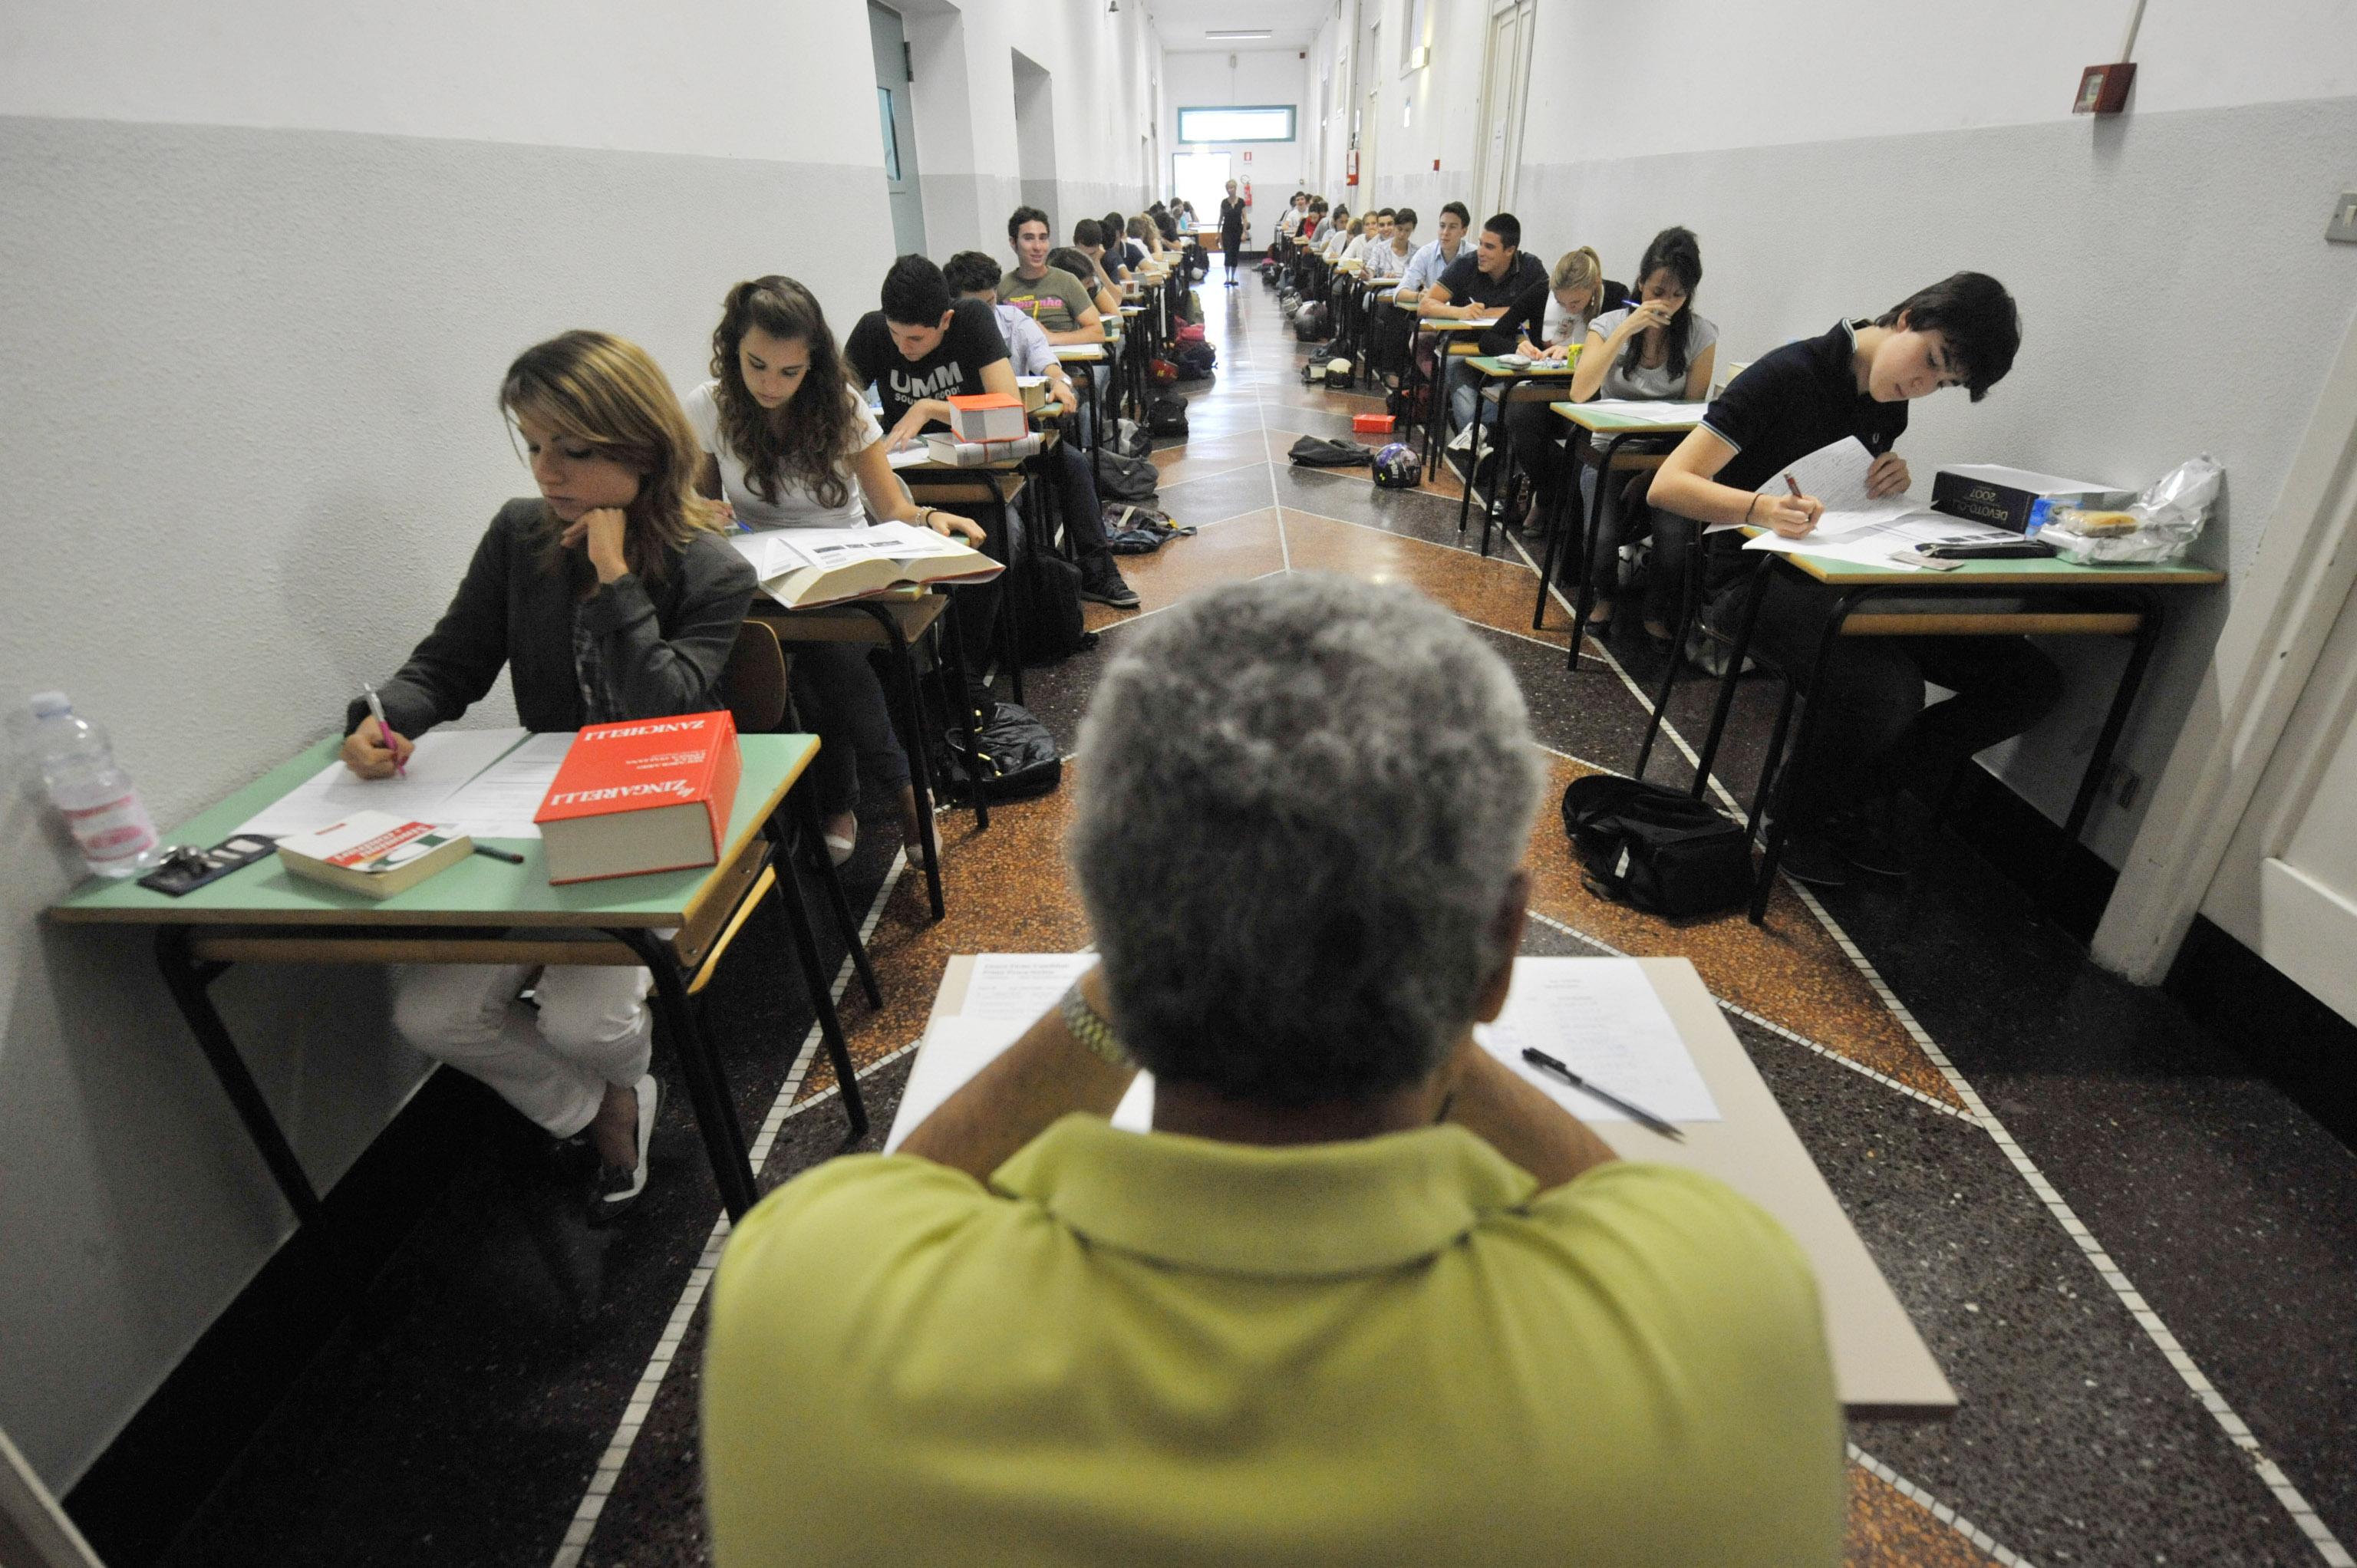 Miur-Esami-Maturità-2015-ultime-notizie-pubblicazione-nomi-commissari-esterni-commissioni